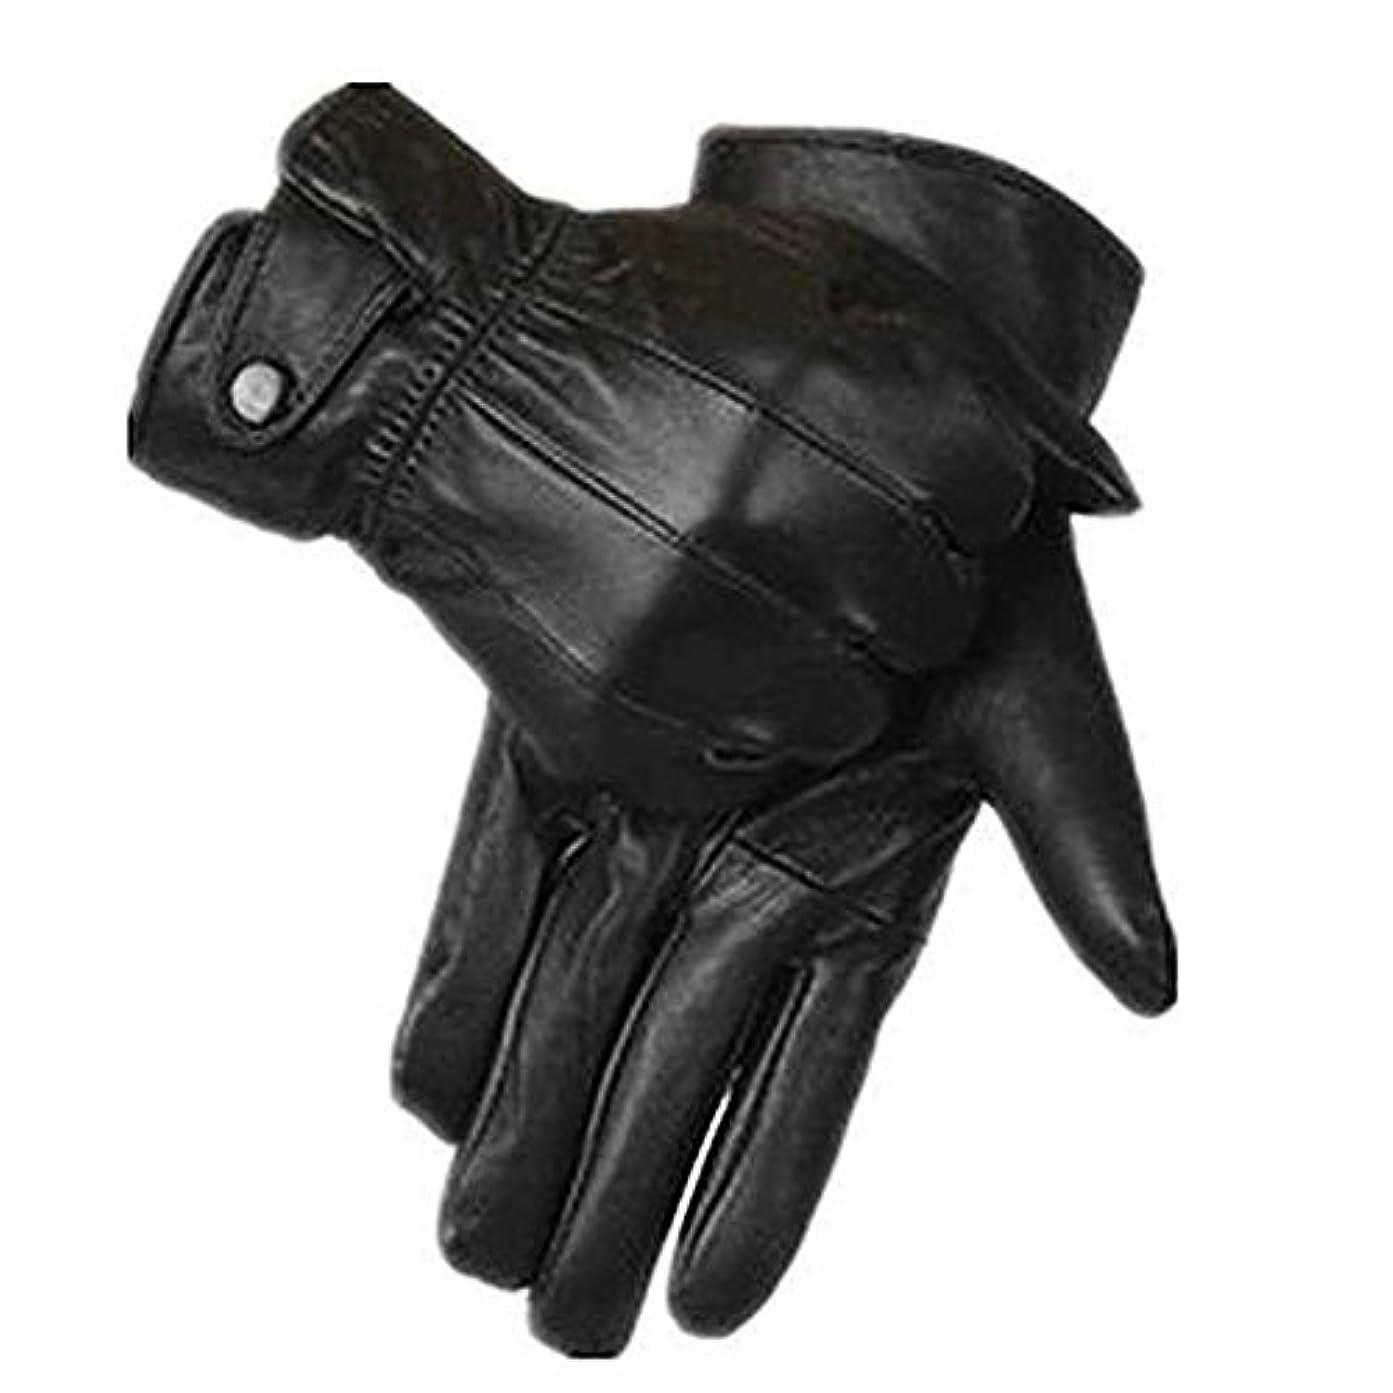 電信着飾る滴下Seliyiオートバイグローブ,レザーコーラルフリースサイクリング バイク ライディング 暖かい手袋 冬用 黒